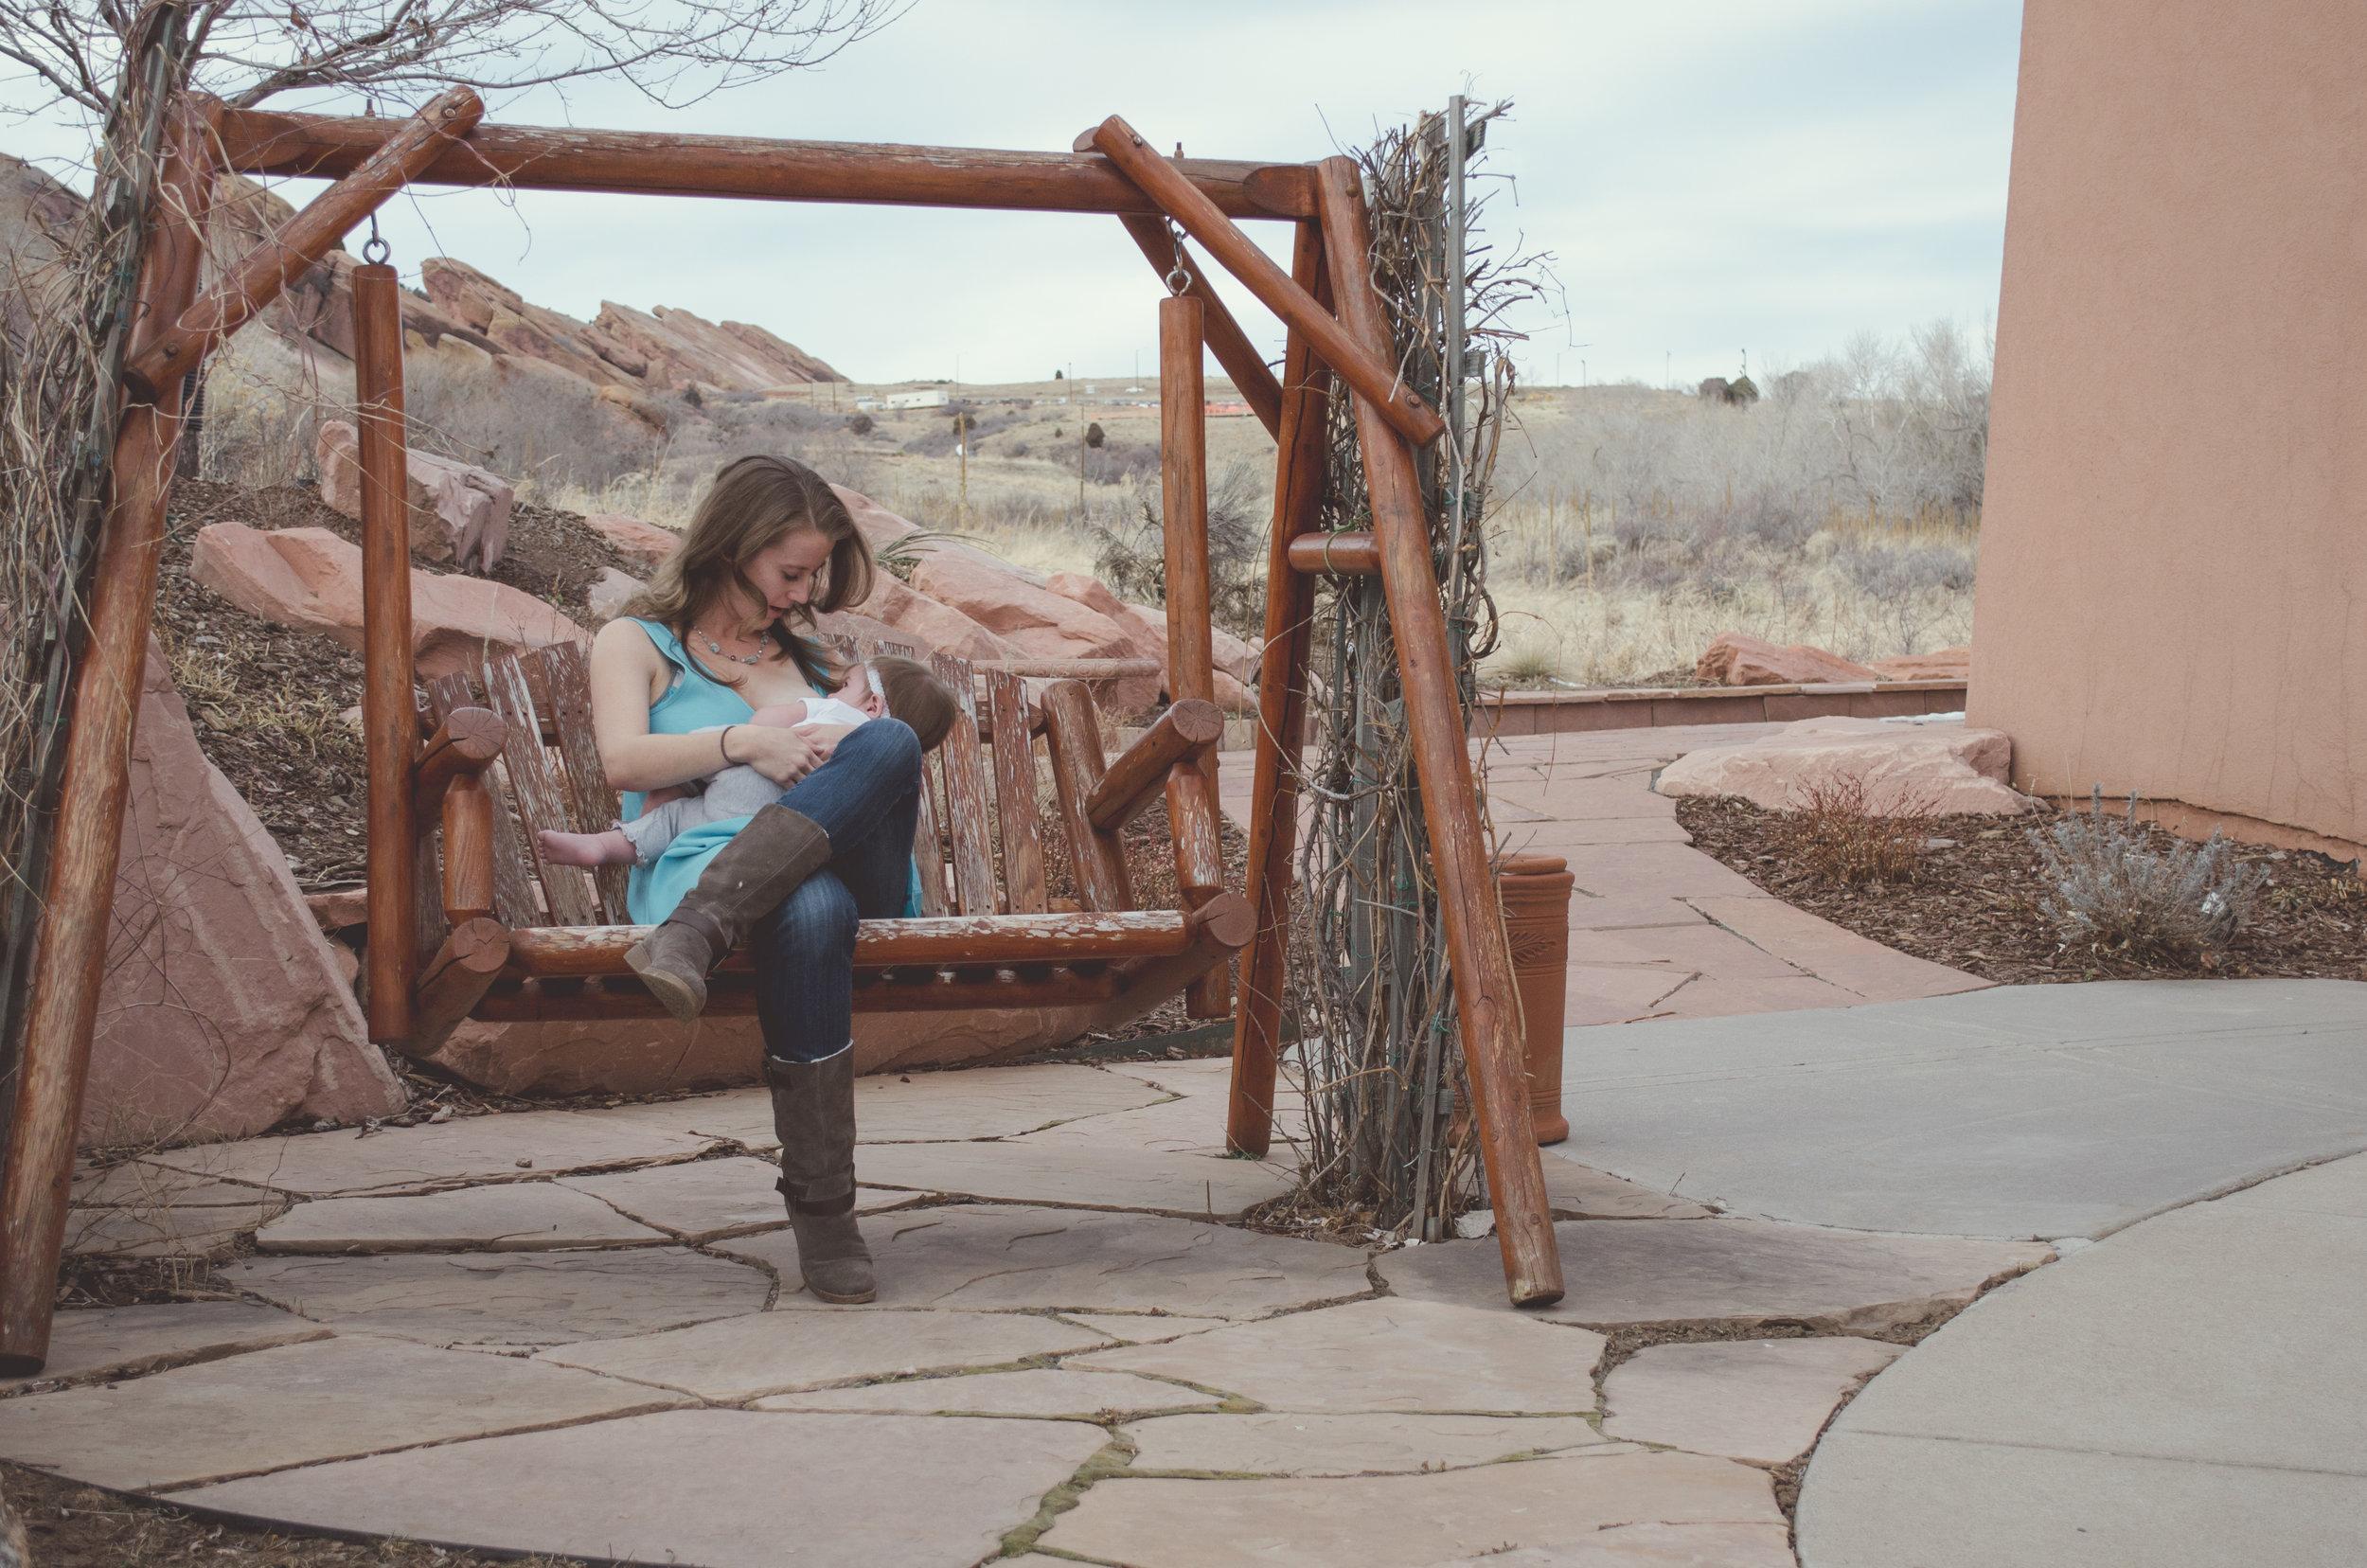 Colorado normalize breastfeeding, serenity